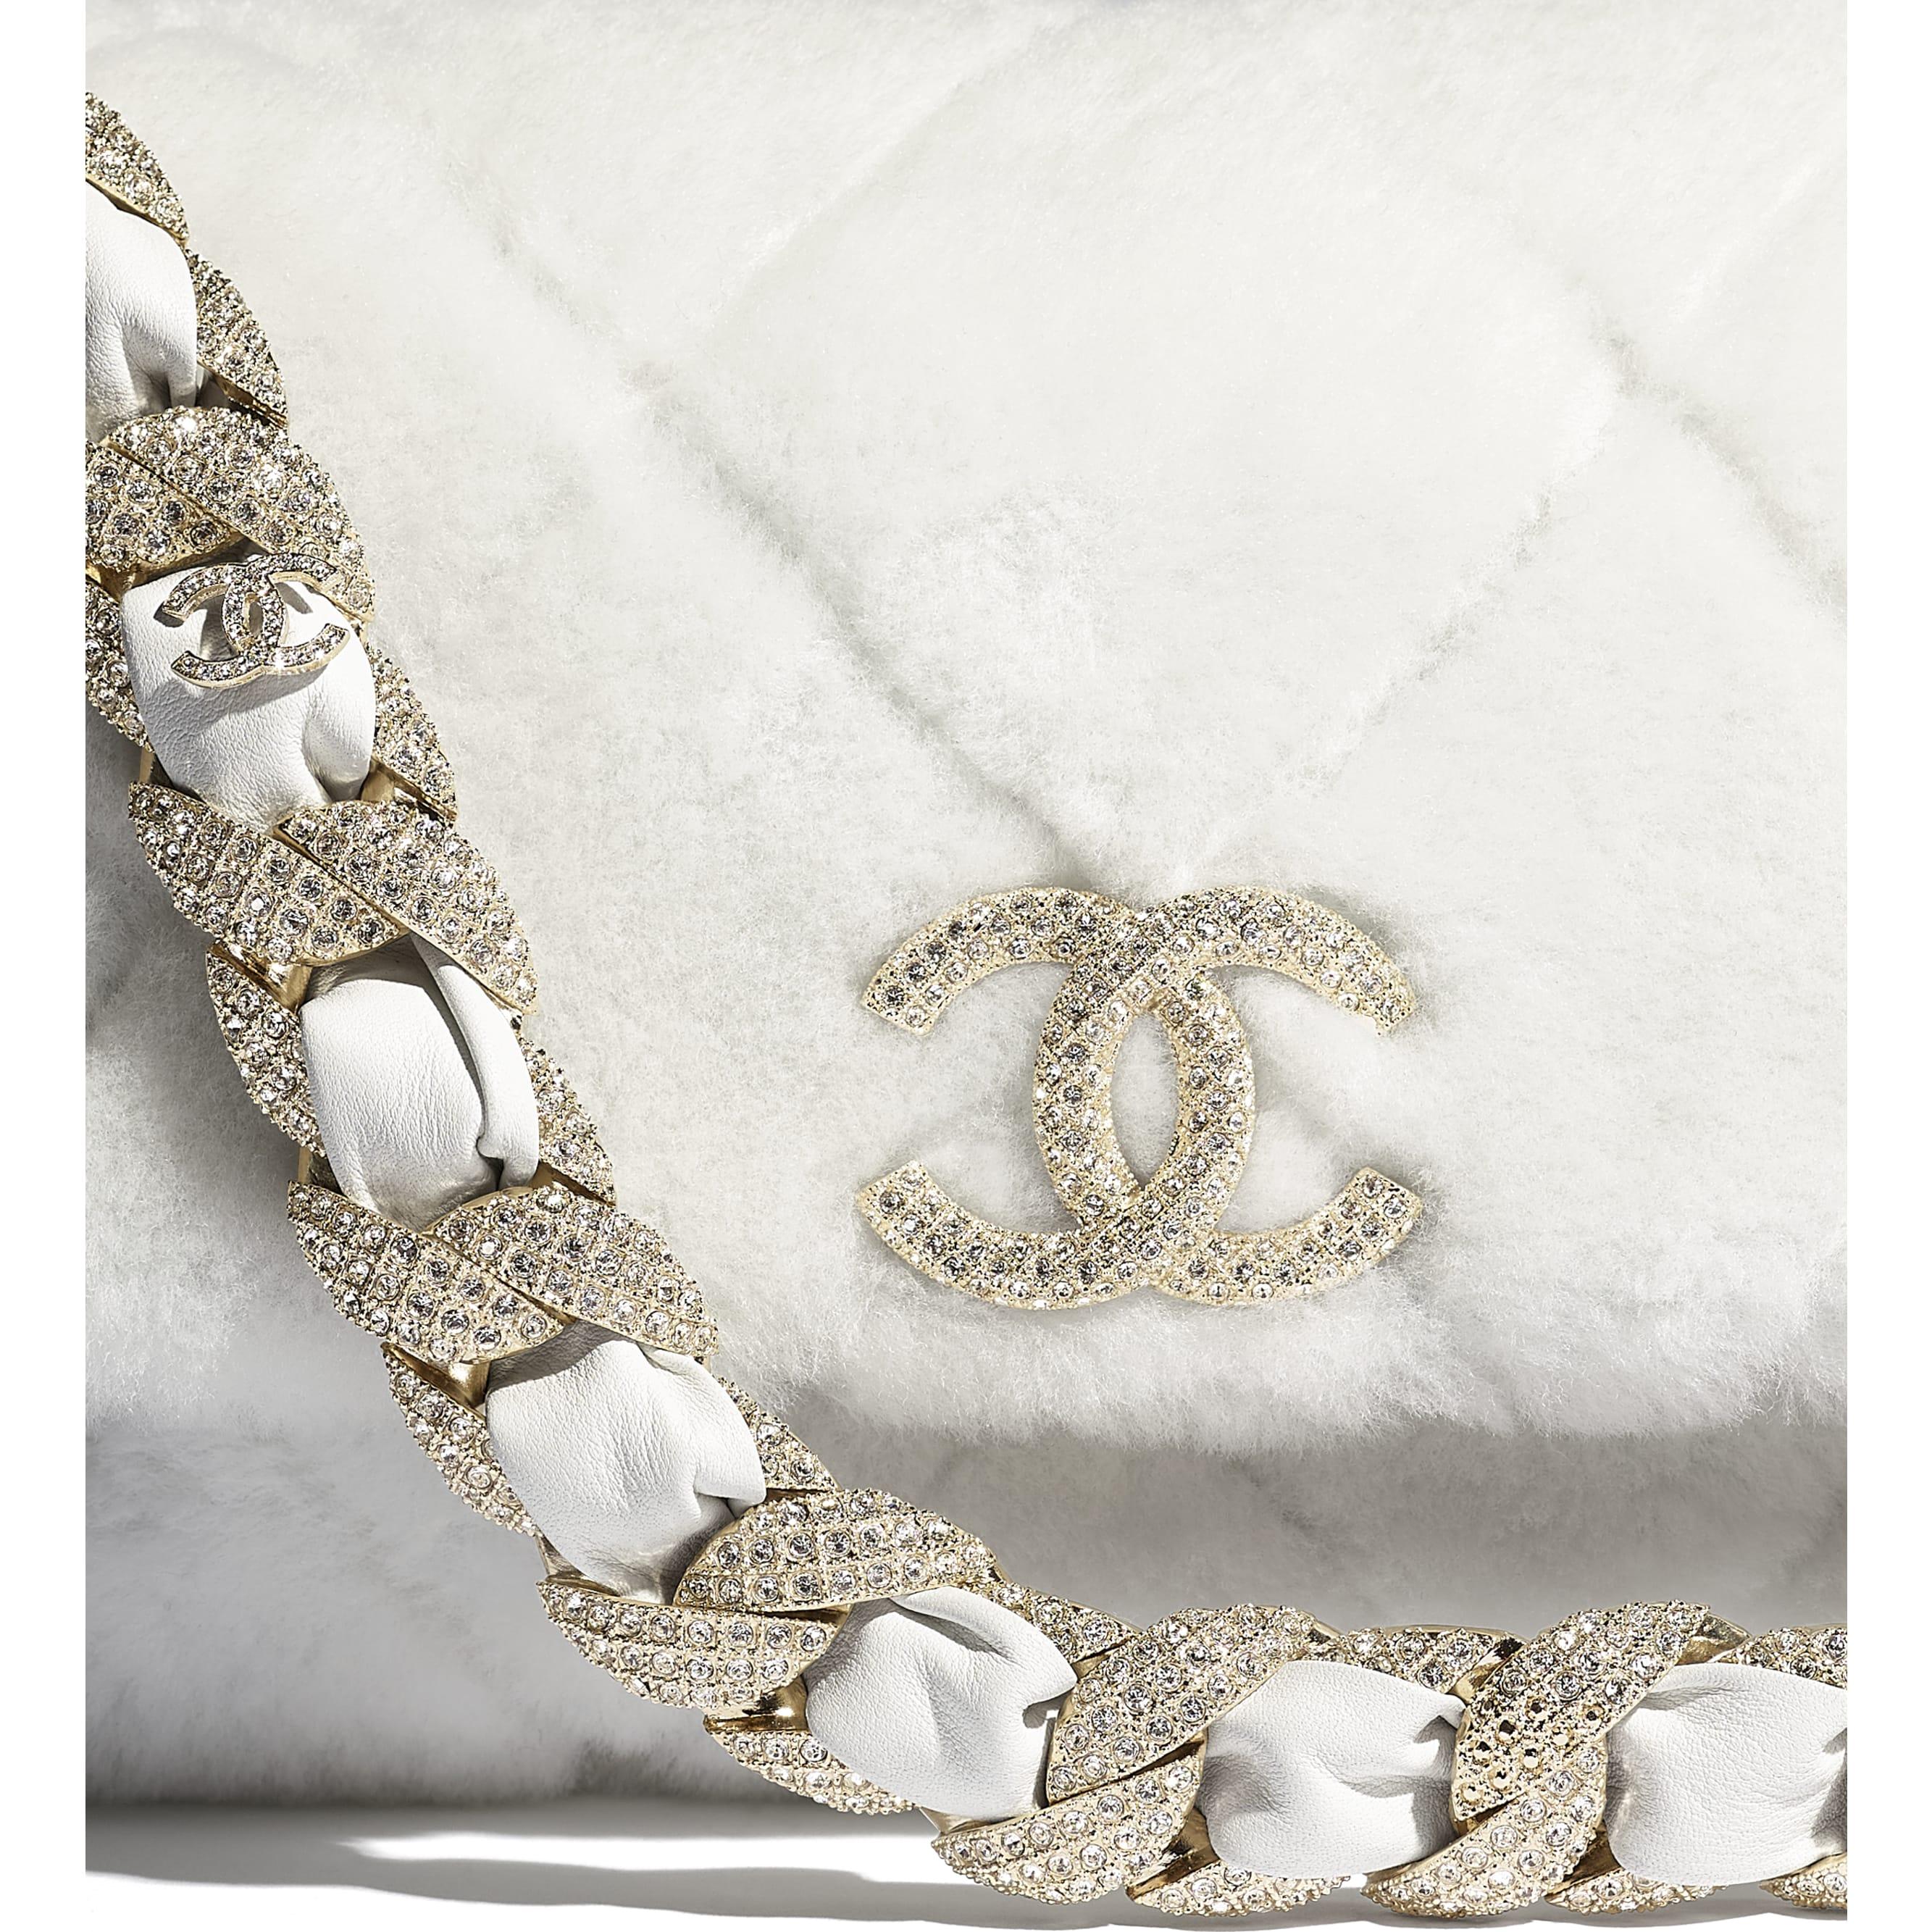 垂蓋手袋 - 白色 - 雙面剪羊毛、水晶及金色金屬 - CHANEL - 額外視圖 - 查看標準尺寸版本